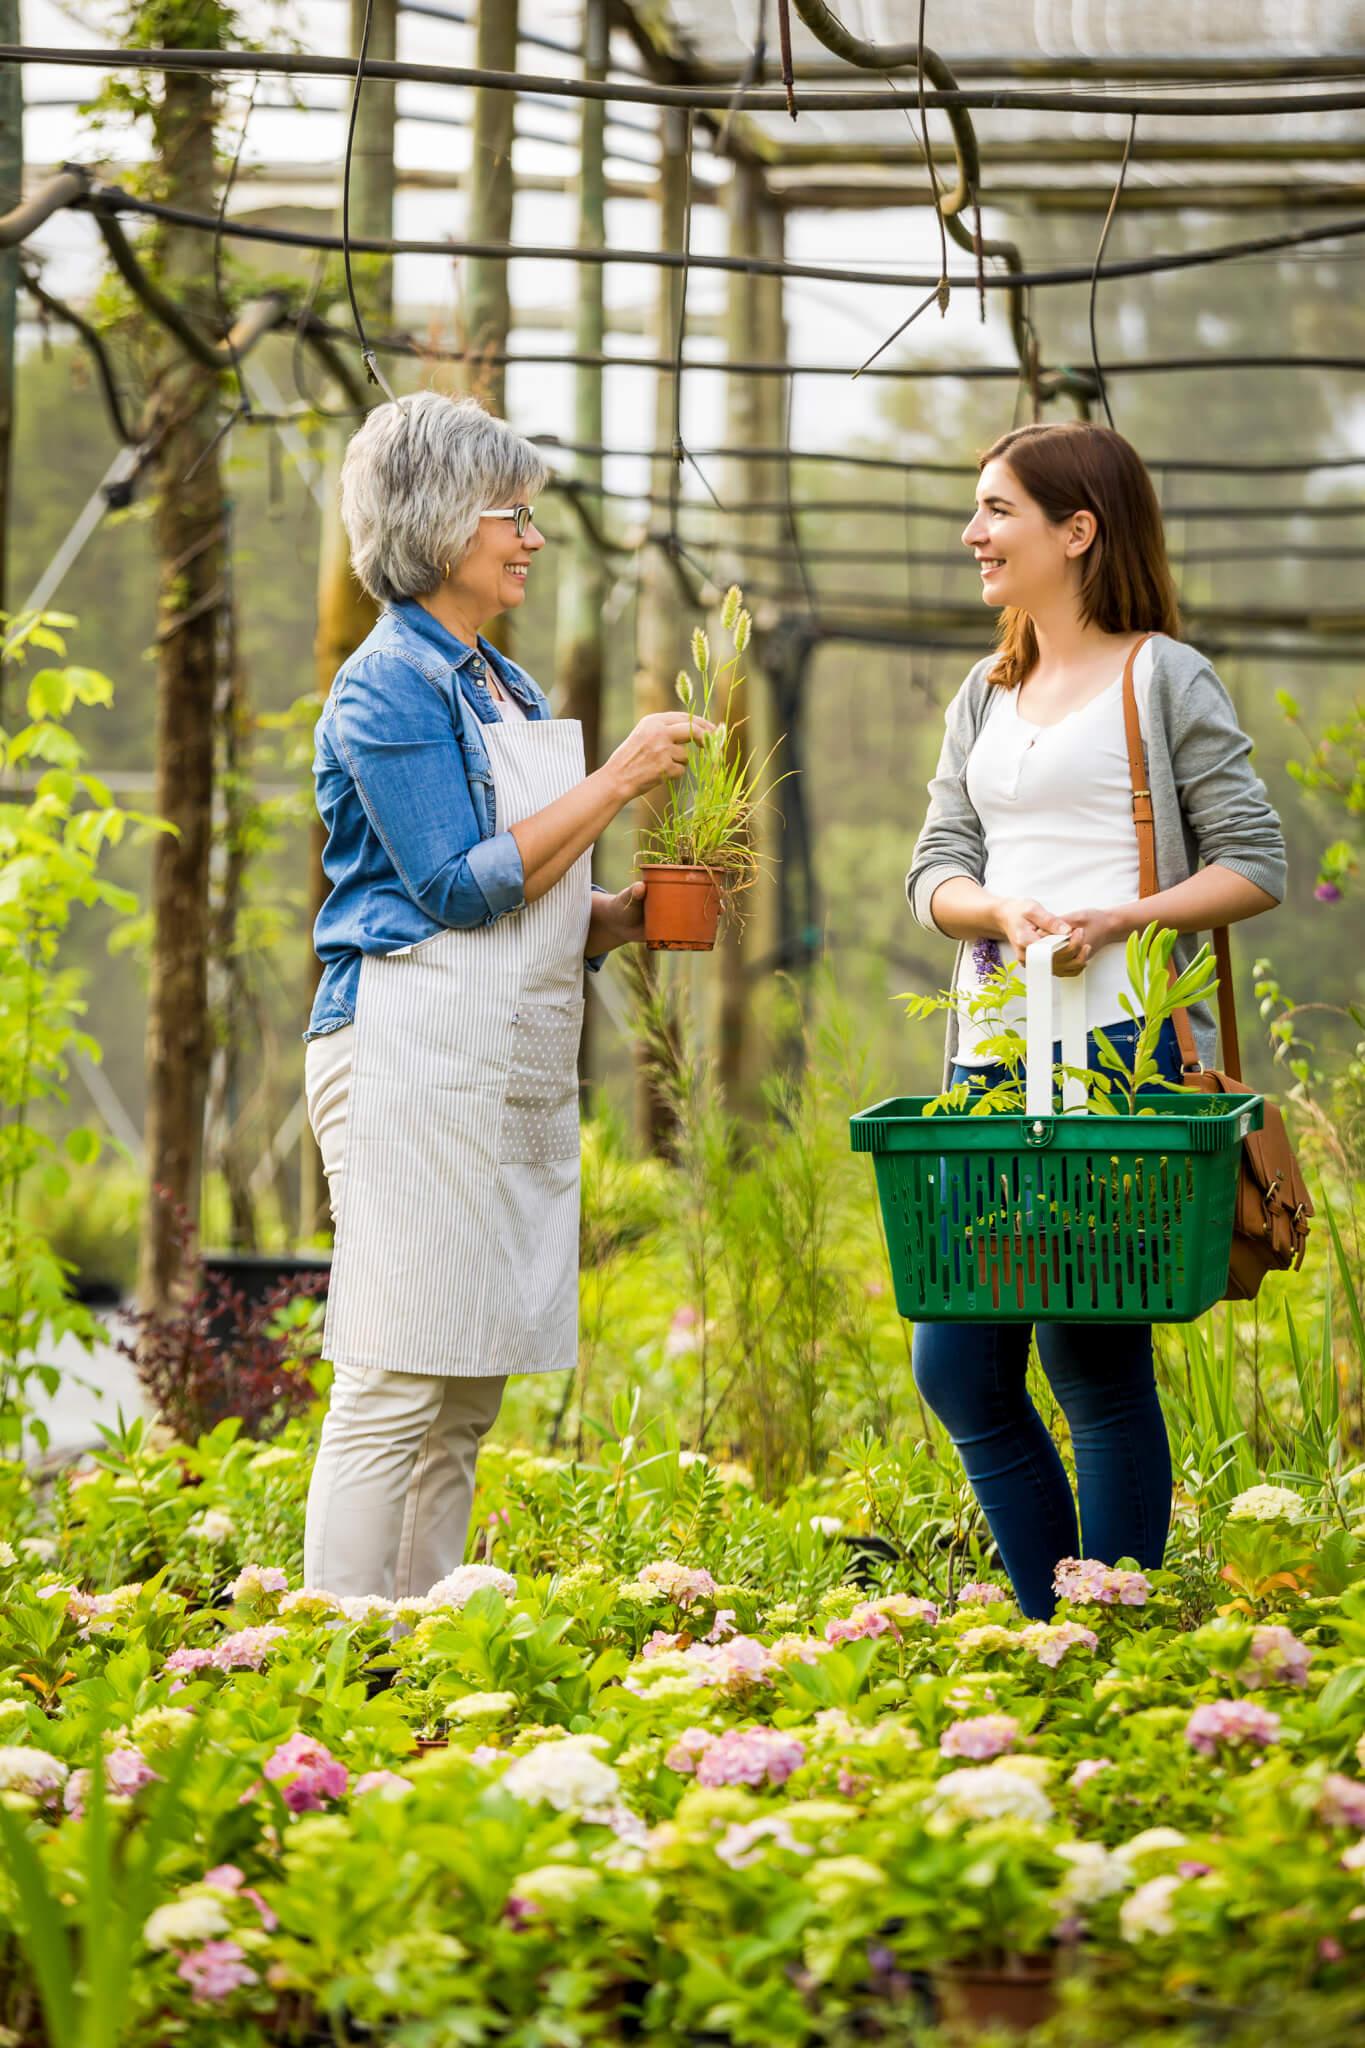 Einkaufen in der Gärtnerei